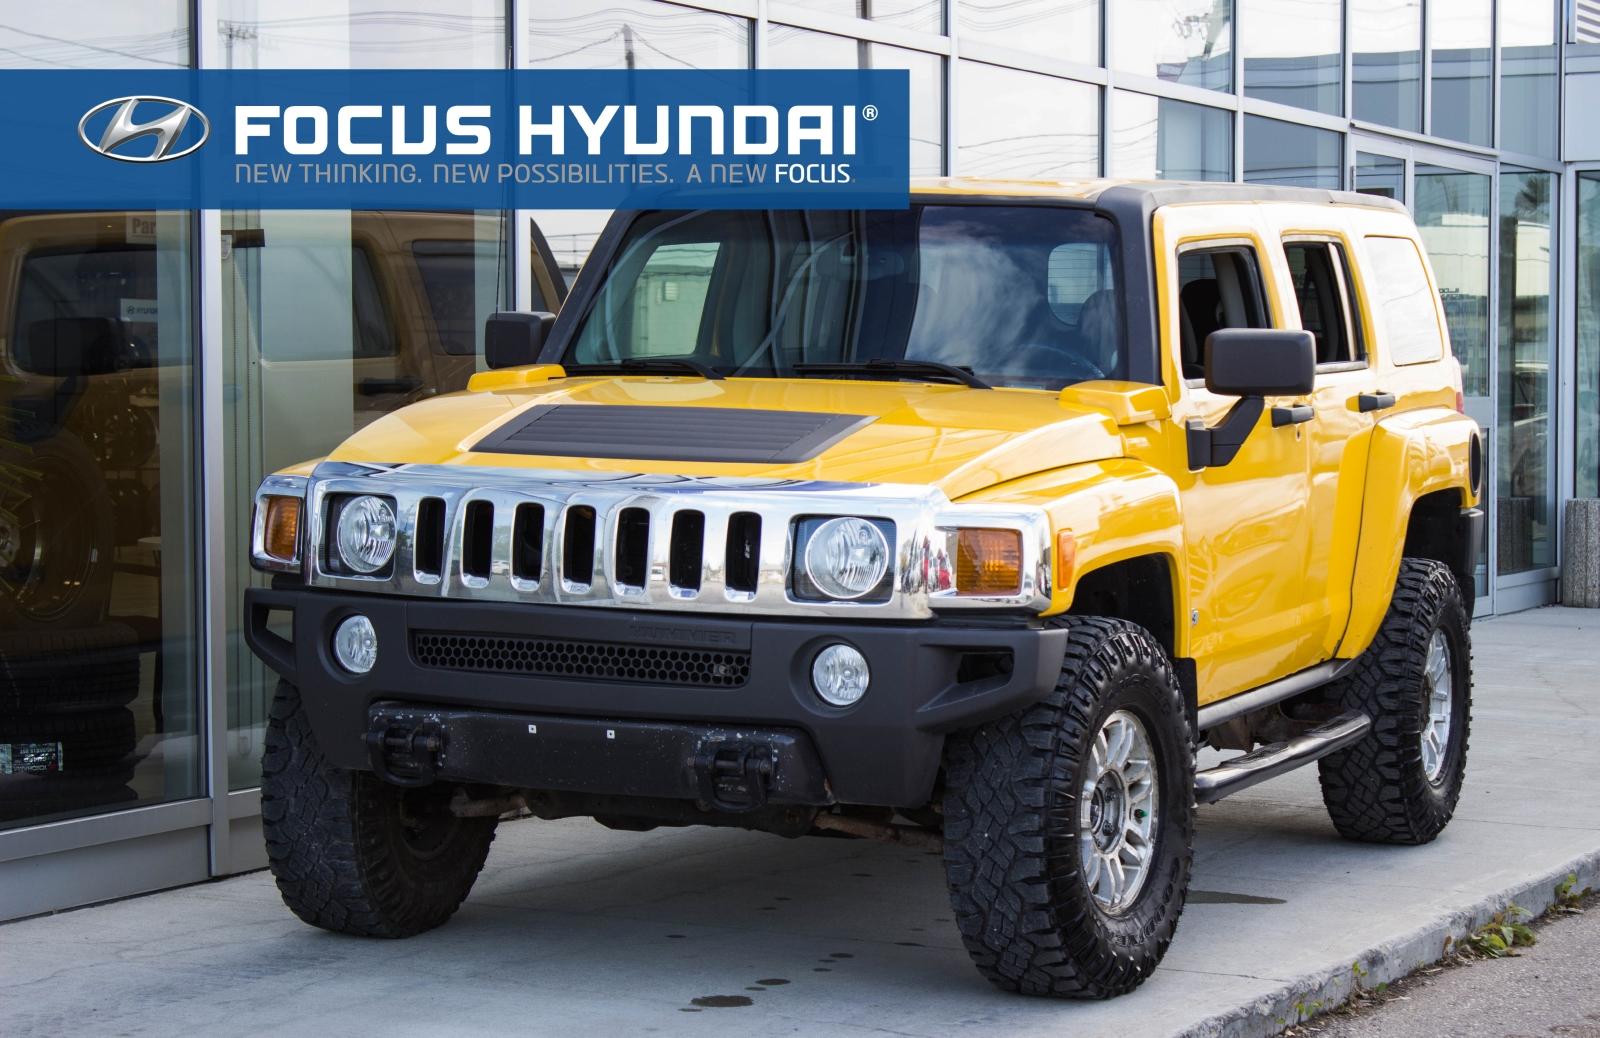 Used Tires Winnipeg >> Used Hummer H3 Suv Winnipeg Mb R2l 0y4 Focus Hyundai